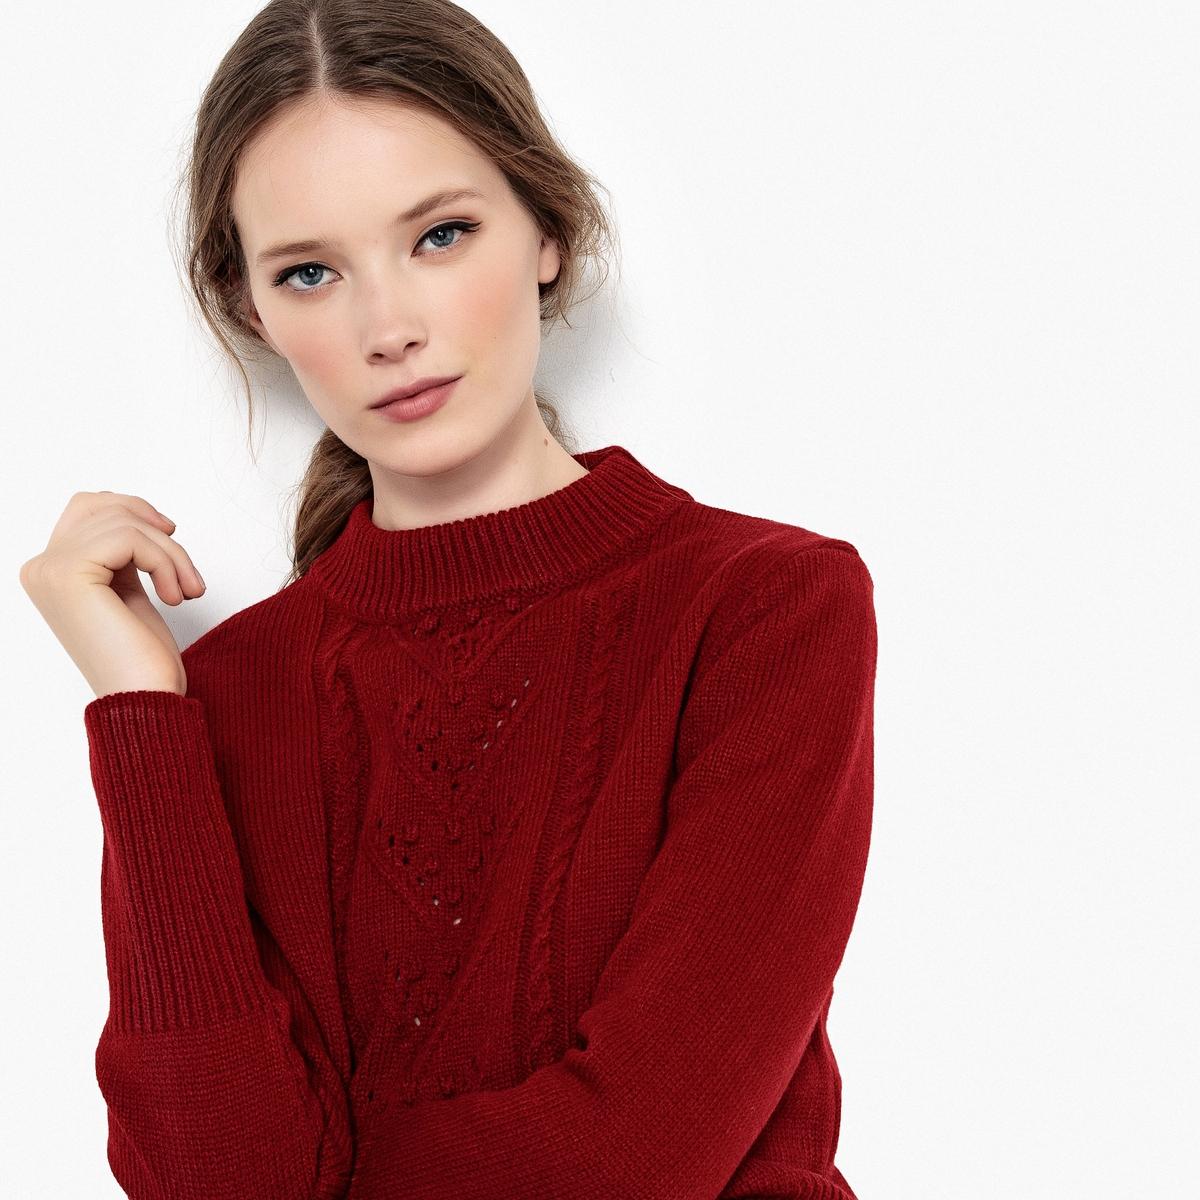 Jersey con cuello redondo y trenzados, lana